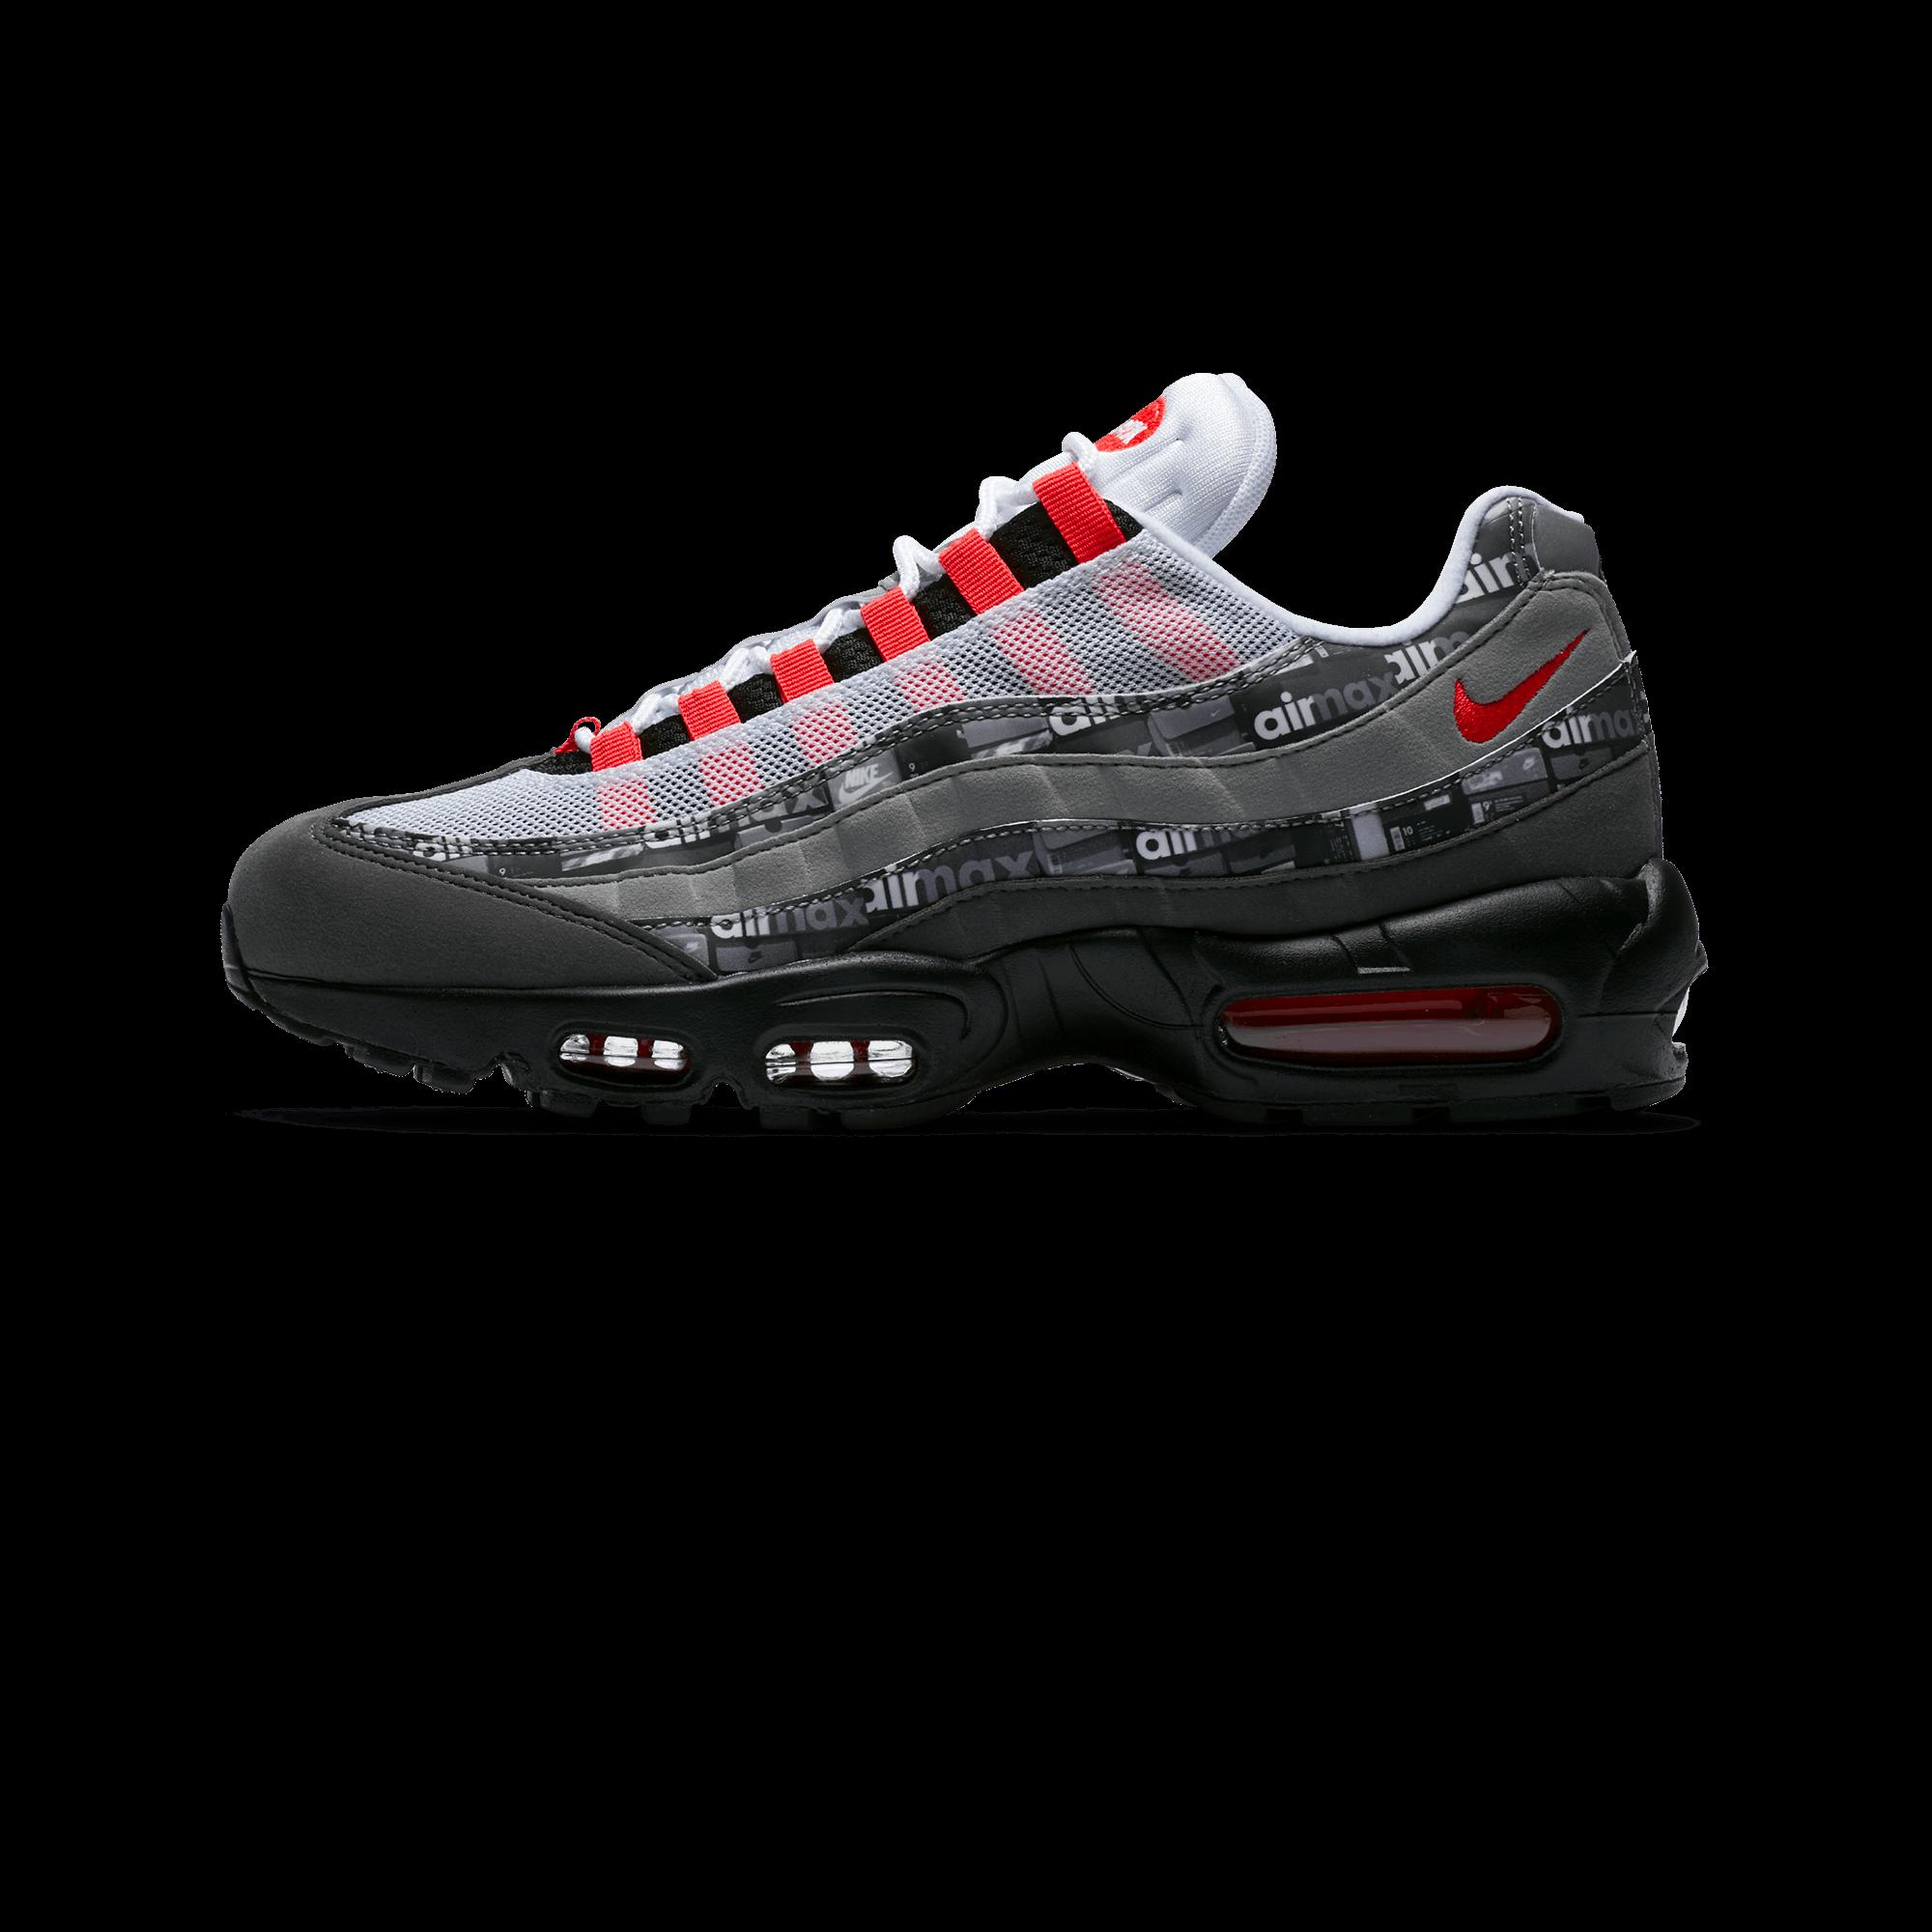 d00d823840 Nike Air Max 95 Print Atmos